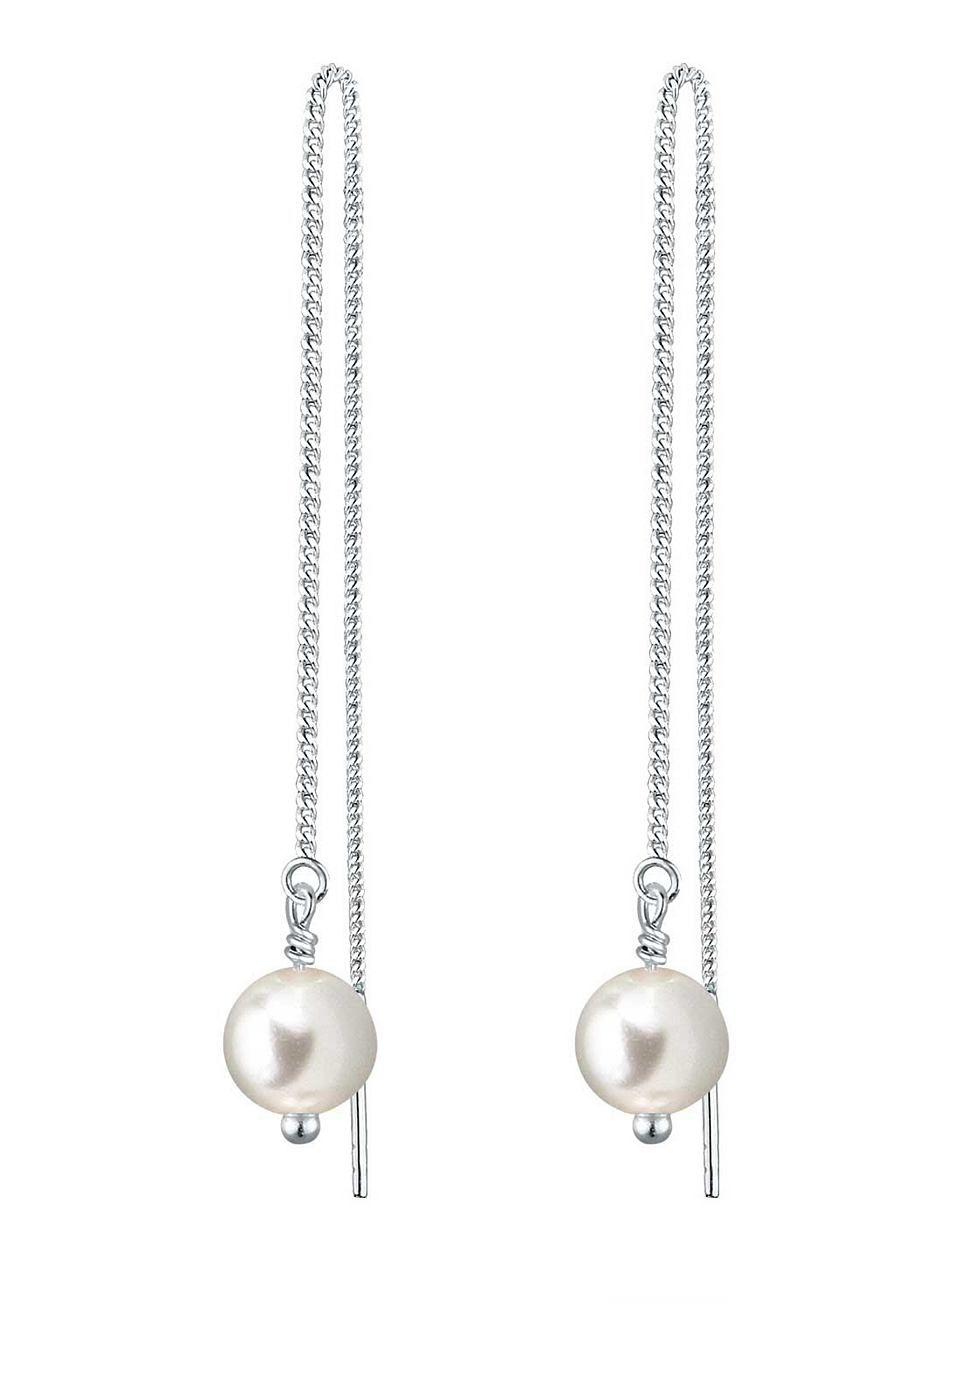 Tolle Ohrhänger (ca. 45mm lang ) aus feinem 925er Sterlingsilber mit 2 perlenförmigen Kristallen (6mm) von Swarovski in CRYSTAL WHITE, einem seidigen Weiß.  Produktdetails: Gesamtanzahl Perlen: 2, Perlenart: Synthetische Perle, Perlenfarbe: weiß, Perlengröße: 6.0mm, Perlenglanz: Hoher Glanz, Perlenform: Rund, Perlenoberfläche: Sauber, Höhe: 105mm, Breite: 6mm, Gewicht: 1,5g, Optik: glänzend, Ar...